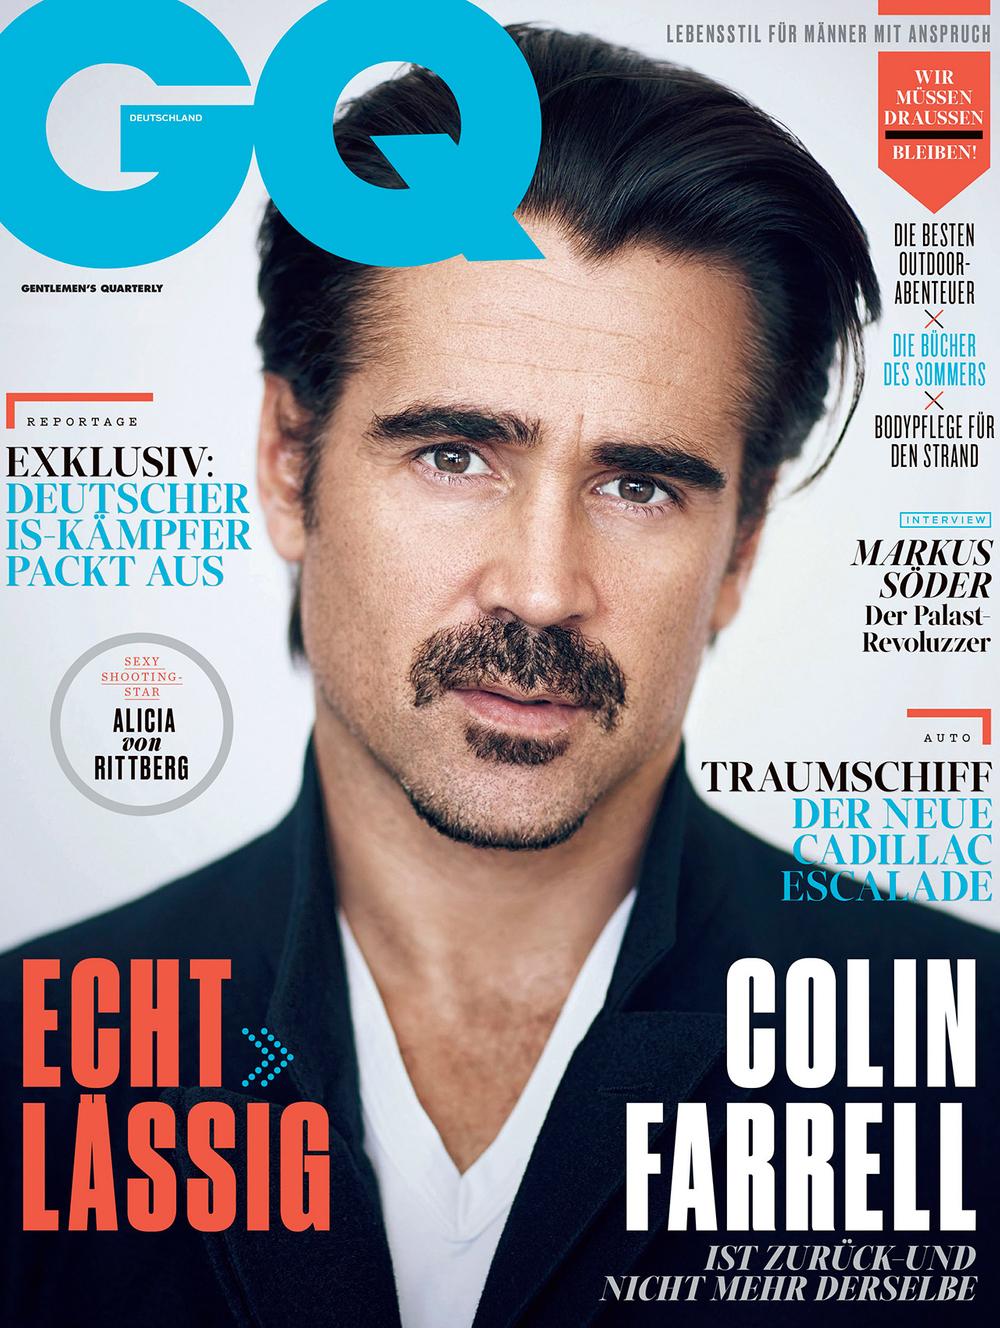 GQ_0815_ColinFarrell_web.jpg